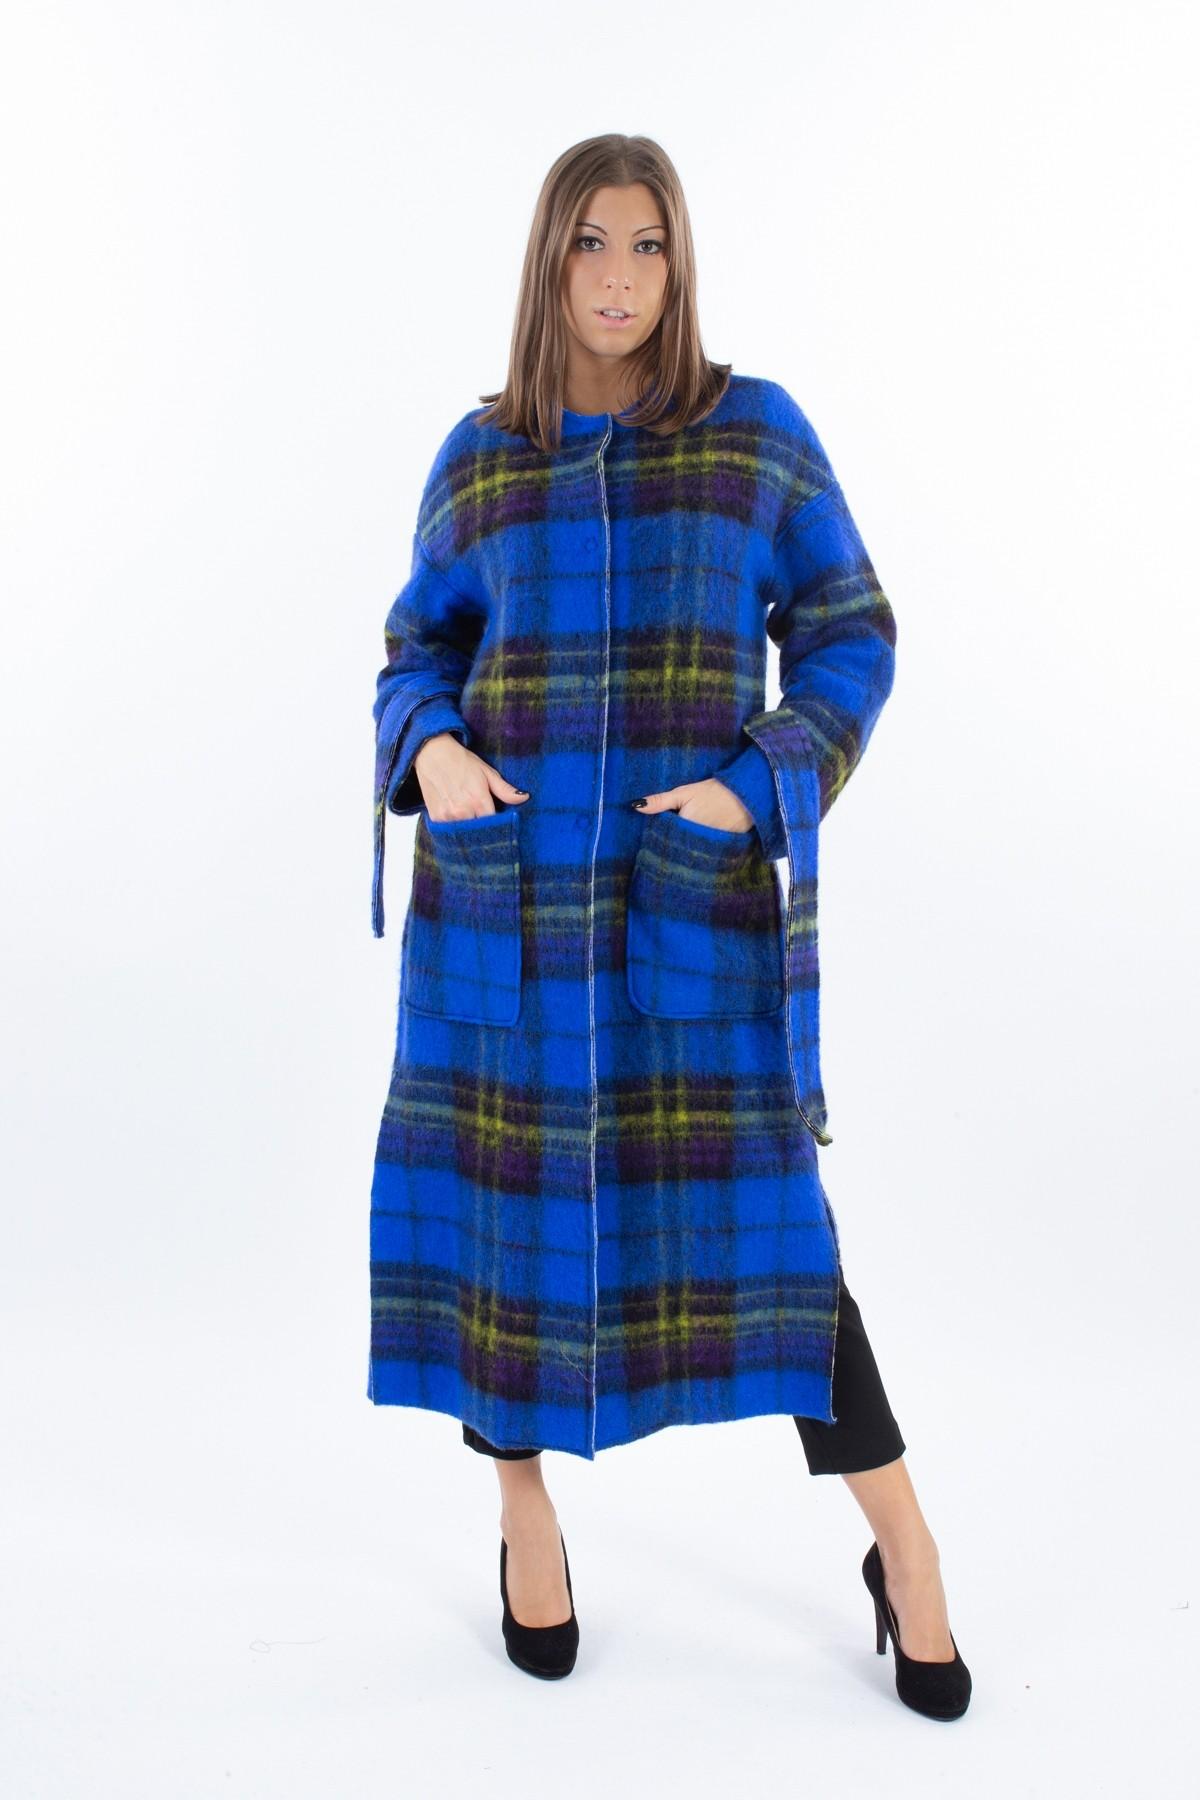 CAPPOTTO IN MISTO VISCOSA FANTASIA A QUADRI   for woman -  - Paquito Pronto Moda Shop Online